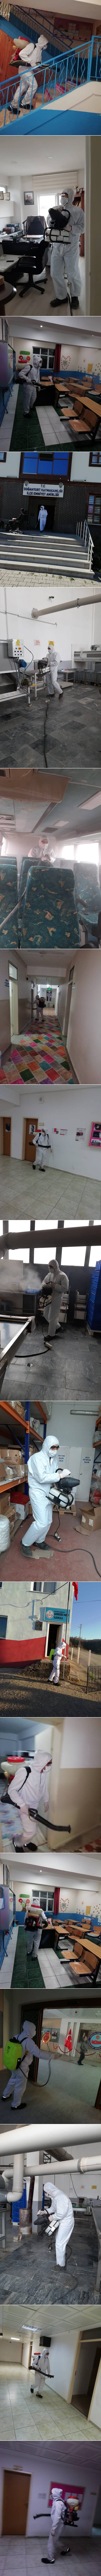 İşyerleri, Fabrikalar,  Resmi Daireler, Evler, Binalar Standartlara uygun dezenfekte edilir.